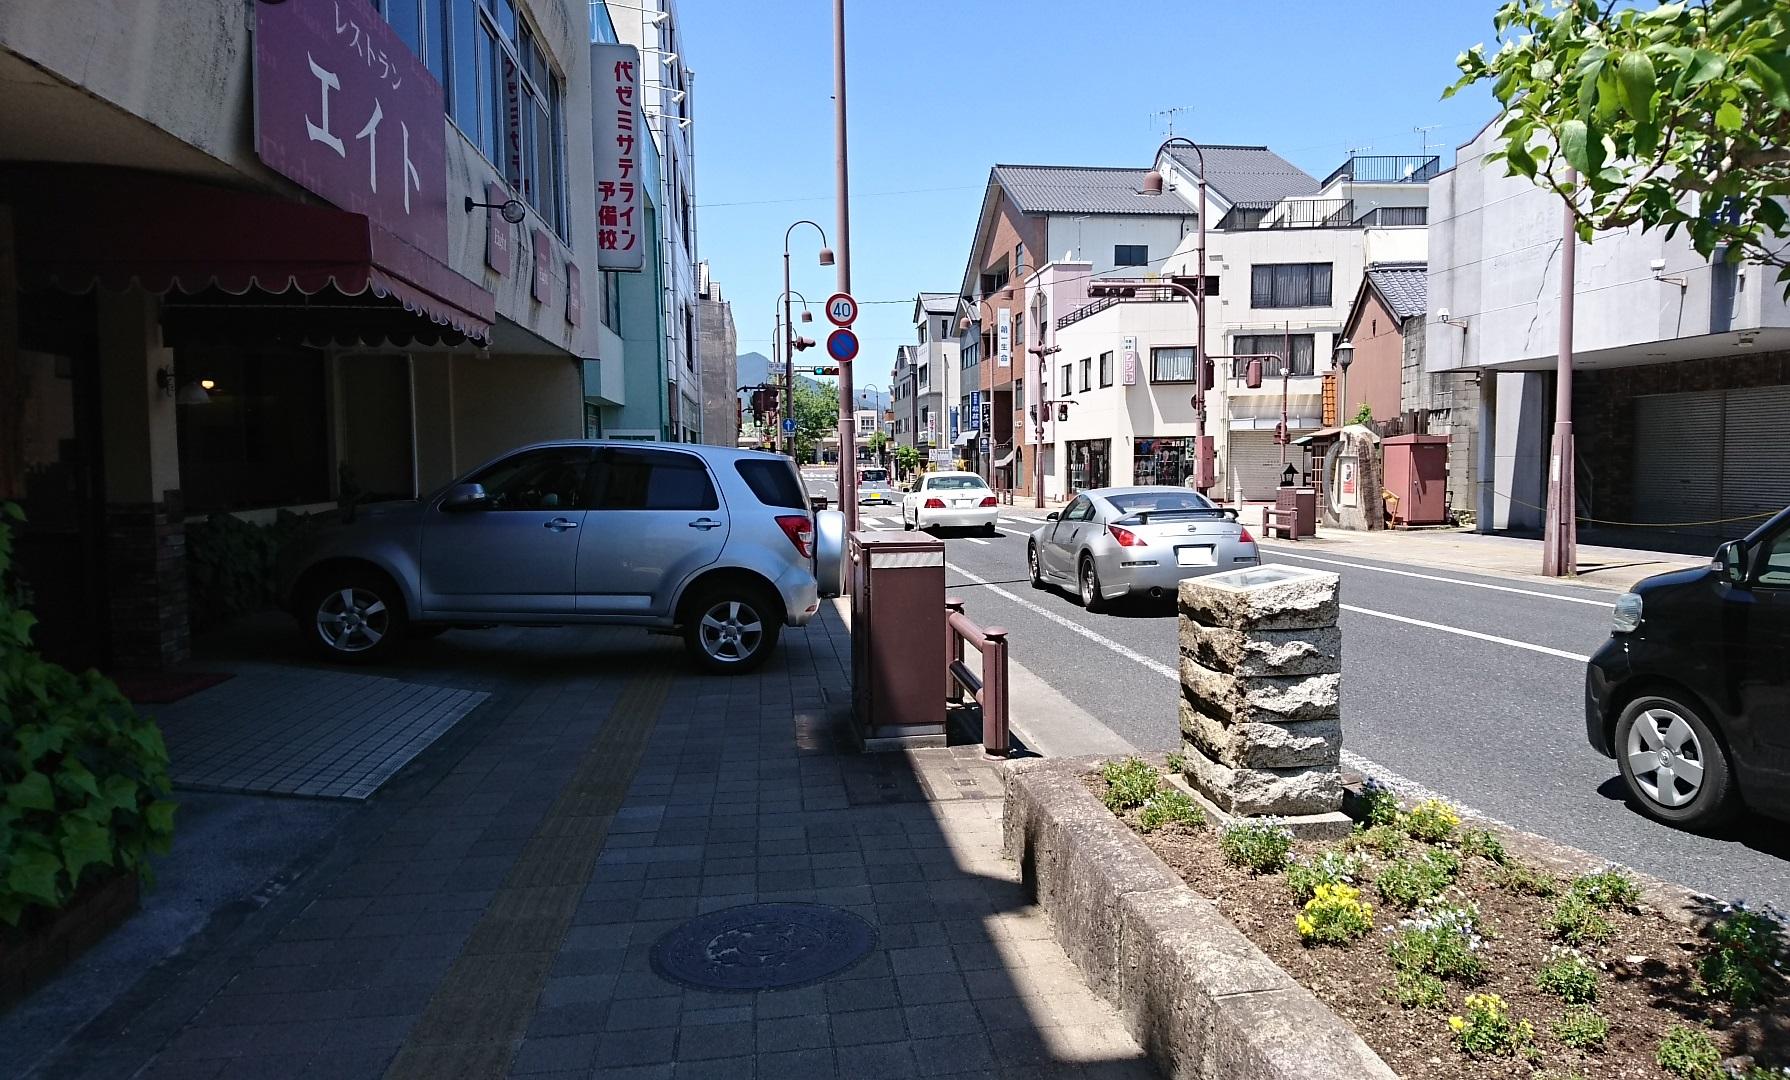 2017.5.19 大井 (50) 恵那えきまえどおり 1790-1080